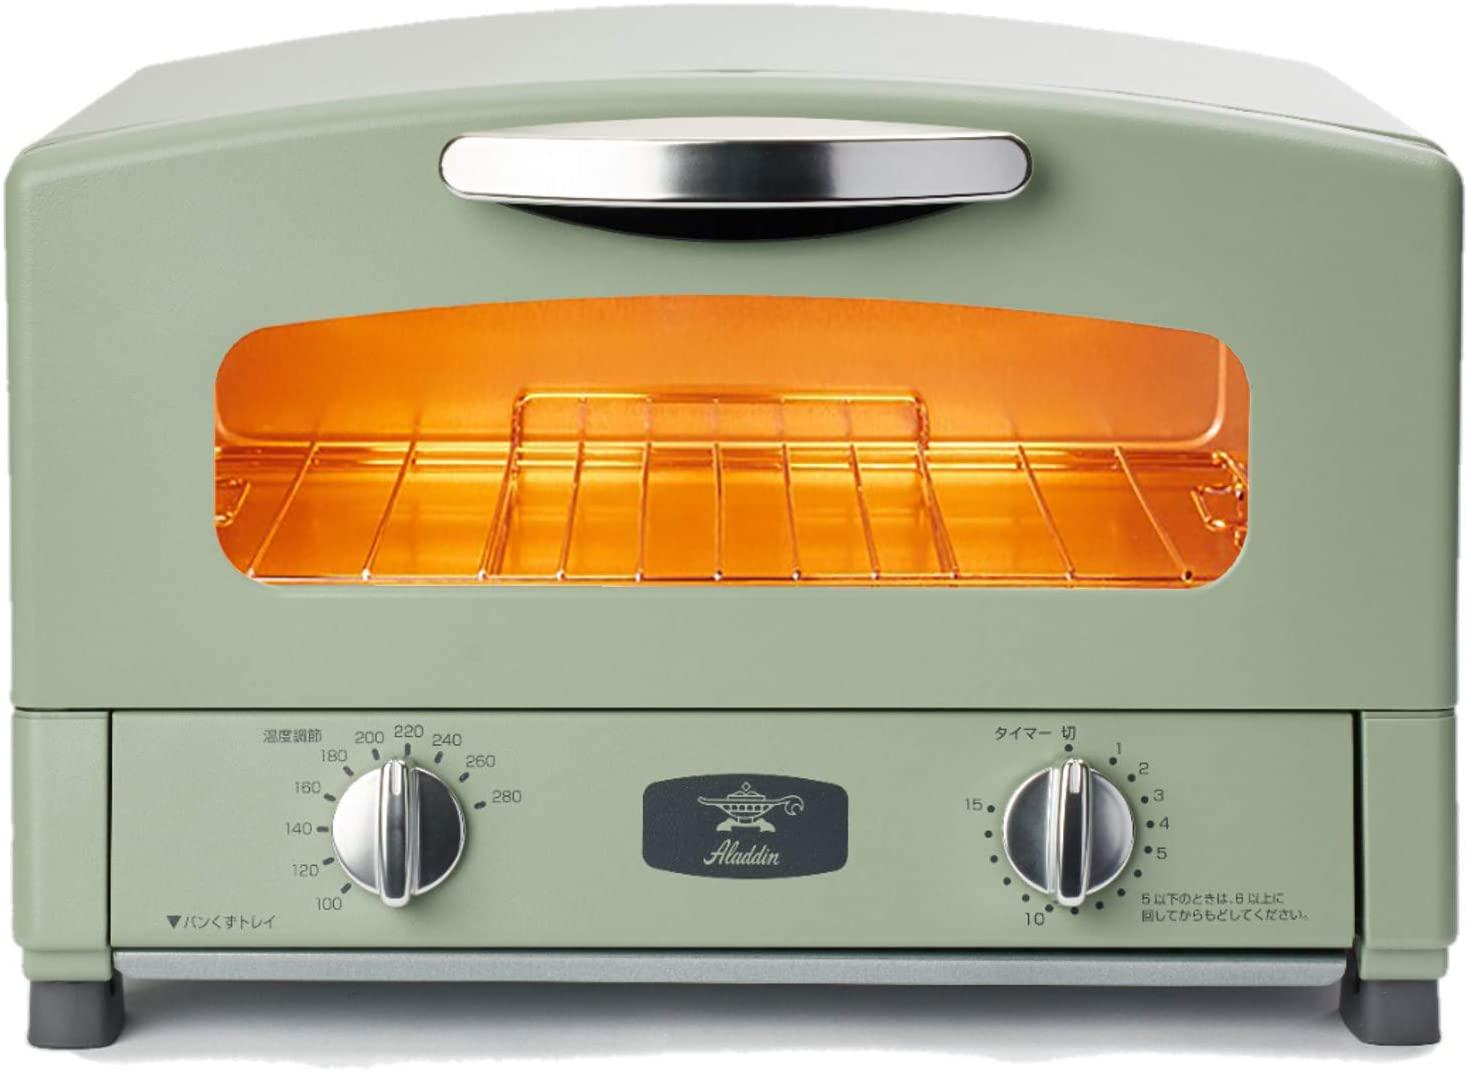 2枚焼き 温度調節機能 タイマー機能付きグリーン CAT-GS13B(G)